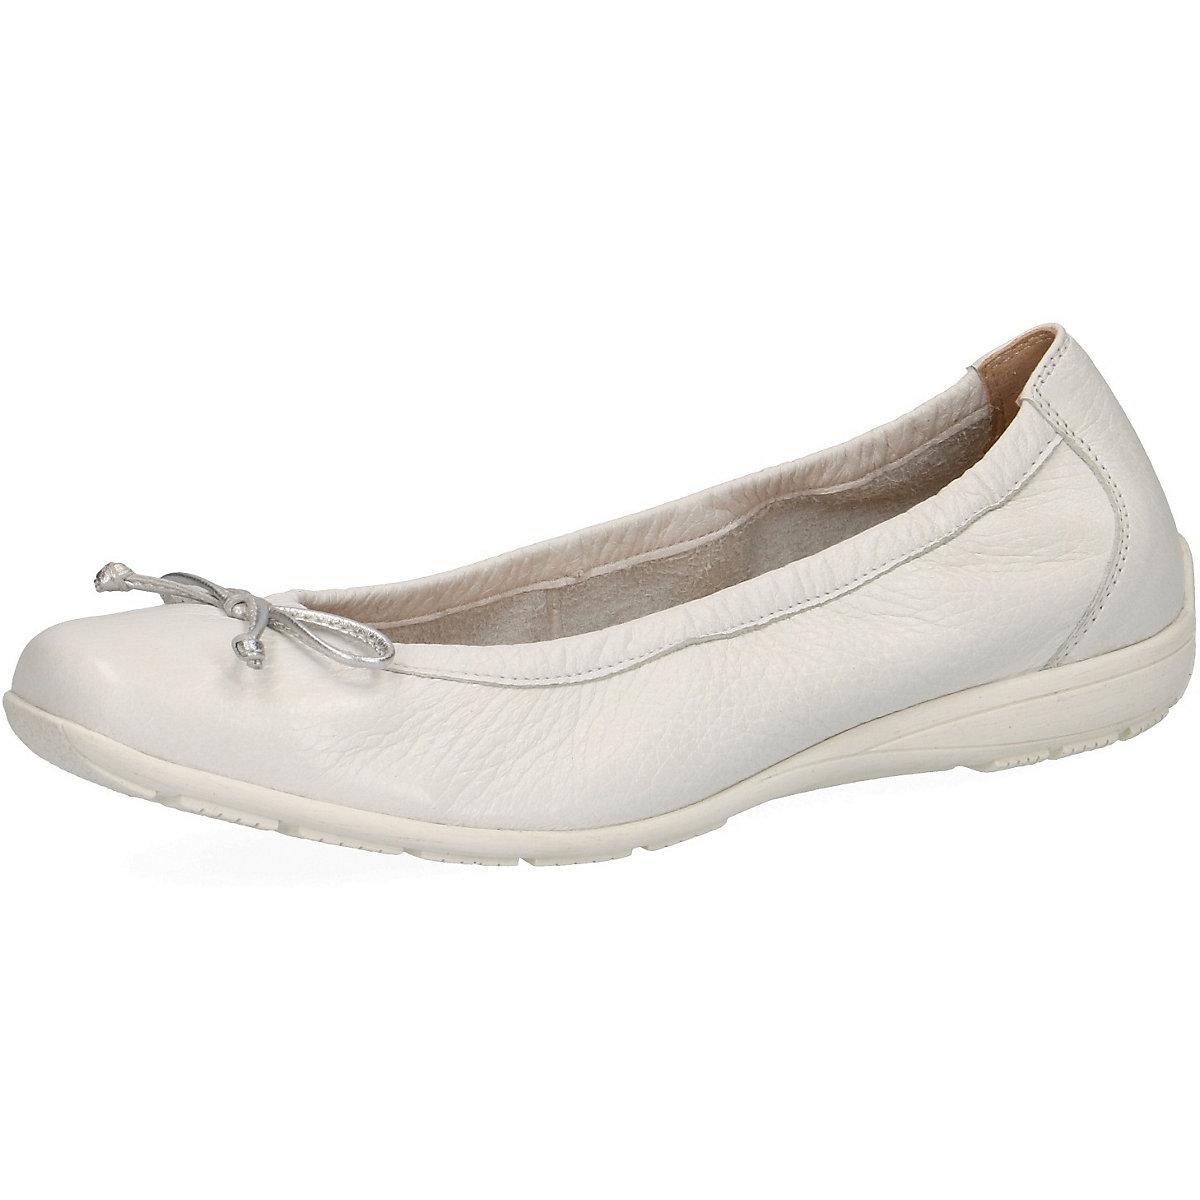 CAPRICE, Klassische Ballerinas, weiß  Gute Qualität beliebte Schuhe